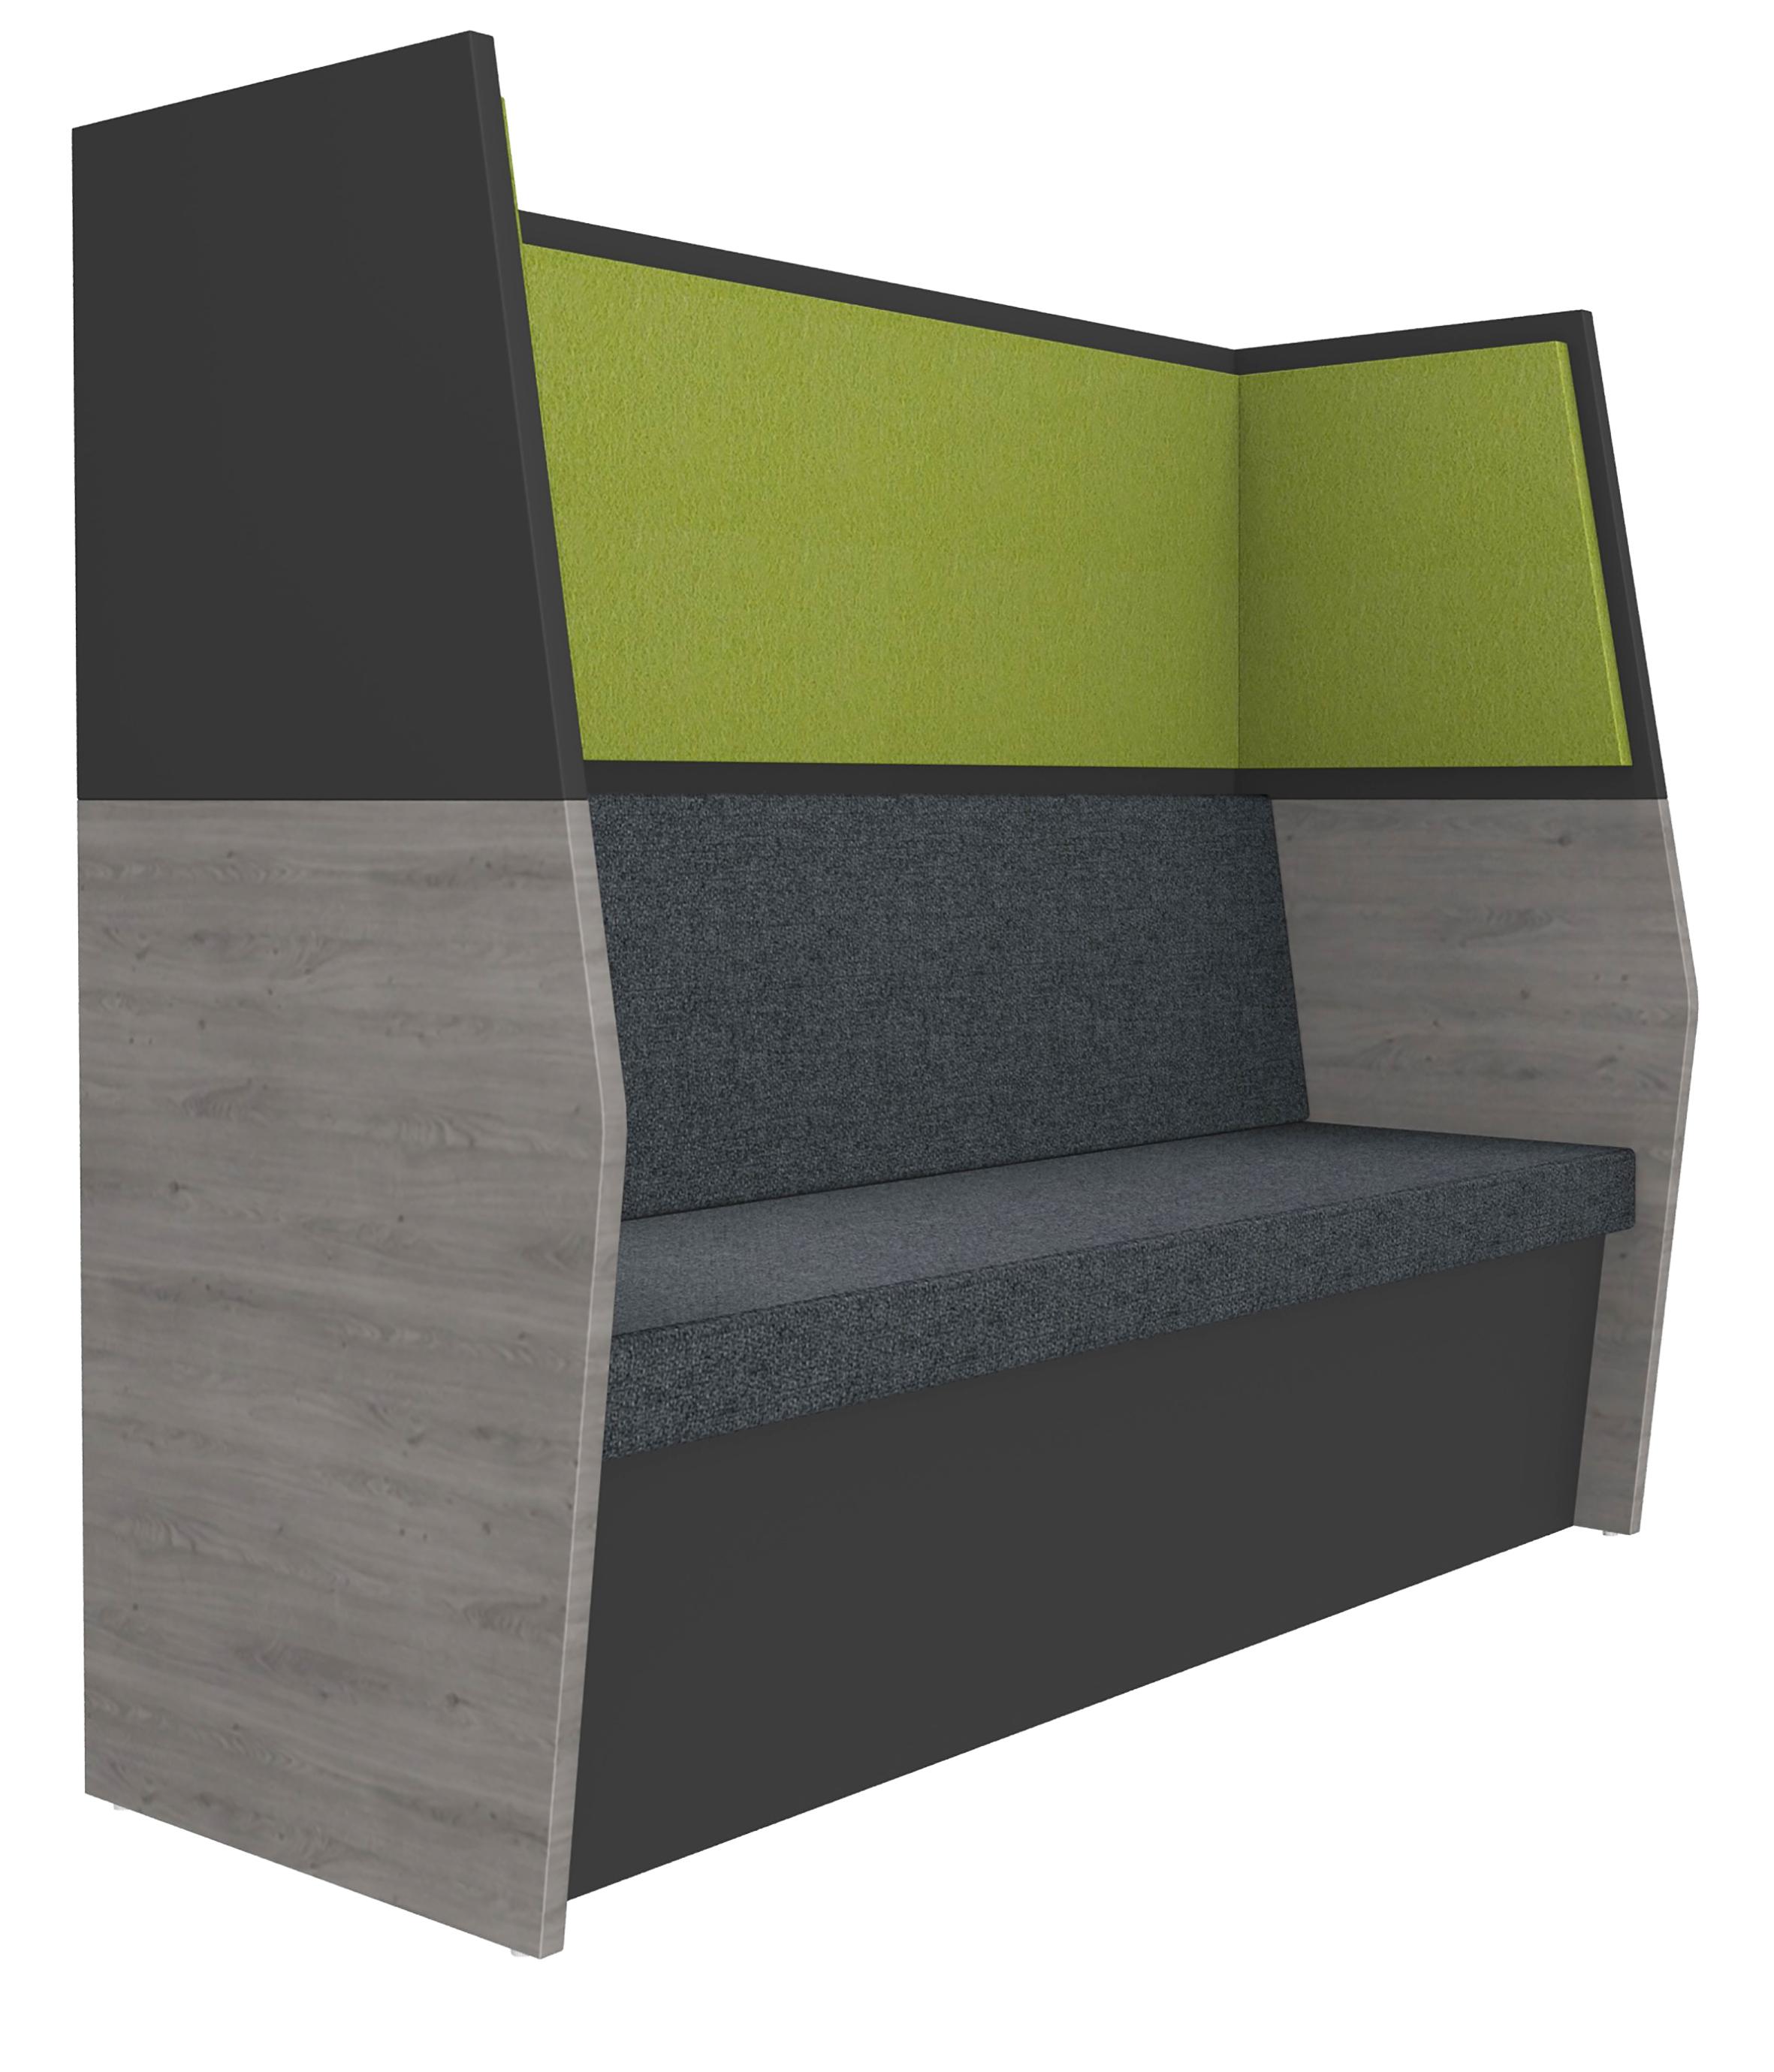 Banquette acoustique IN'TEAM - L170 x H 150 x P170 cm - 3 places - structure chêne gris et carbone - panneaux vert chartreux